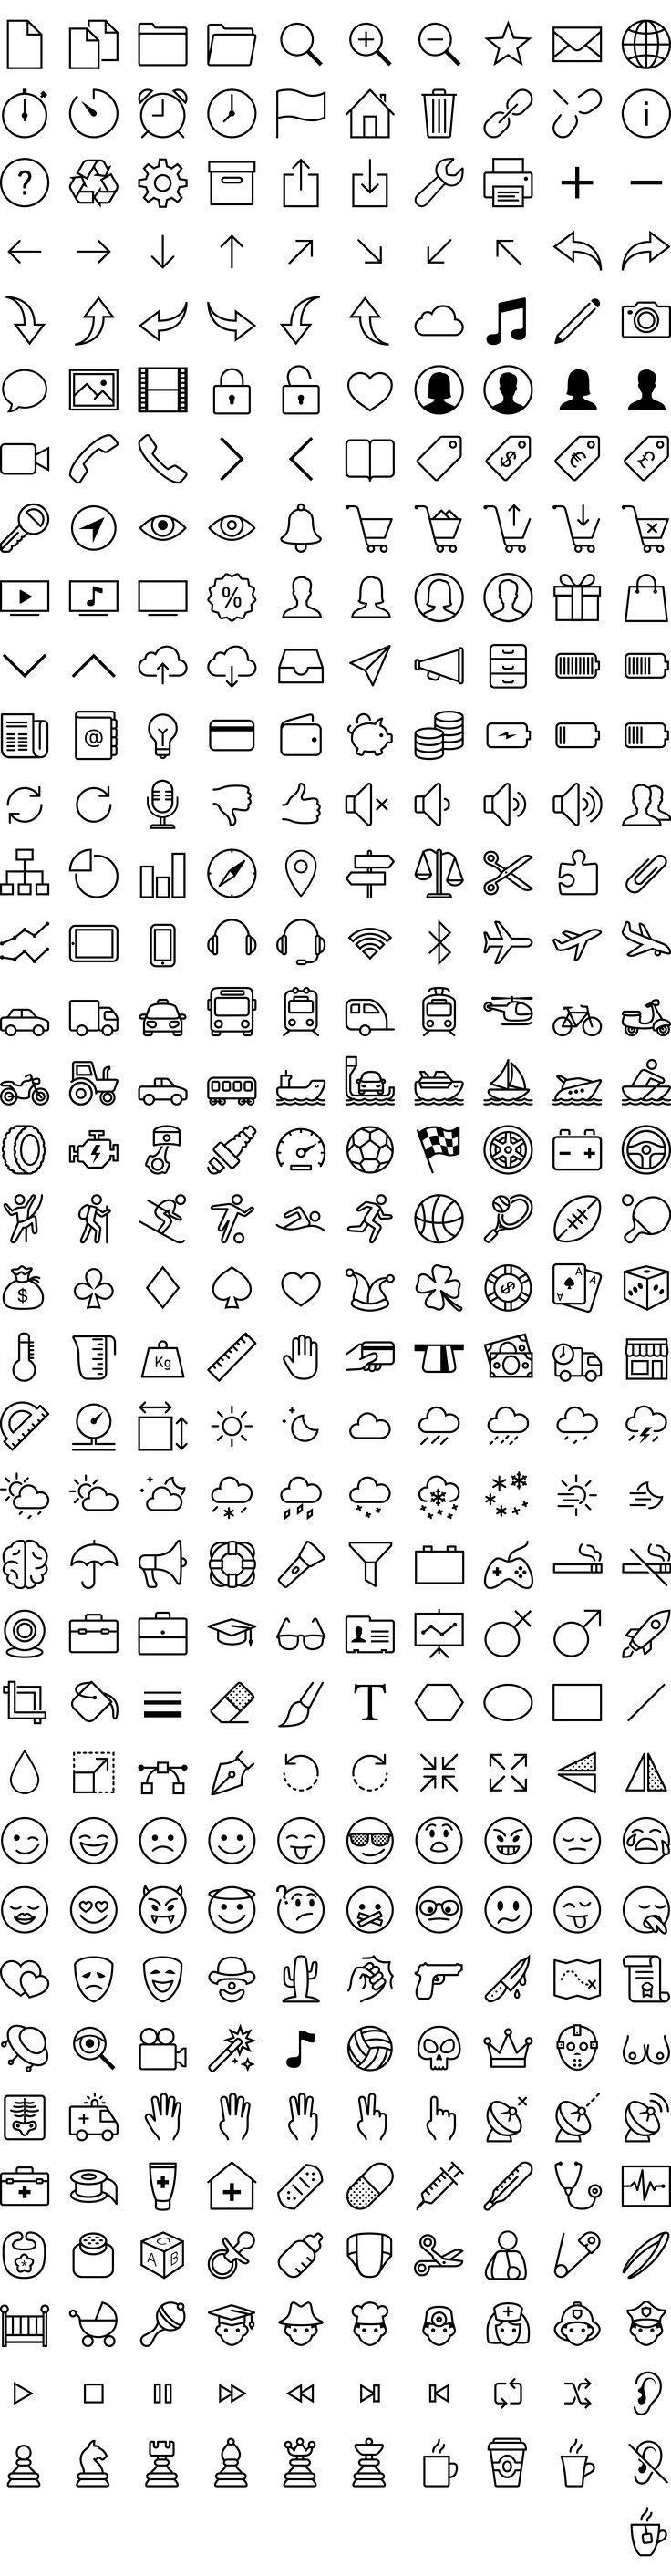 Holen Sie sich Ihr Design – 361 iOS 7 Icons #png #freebies #apple